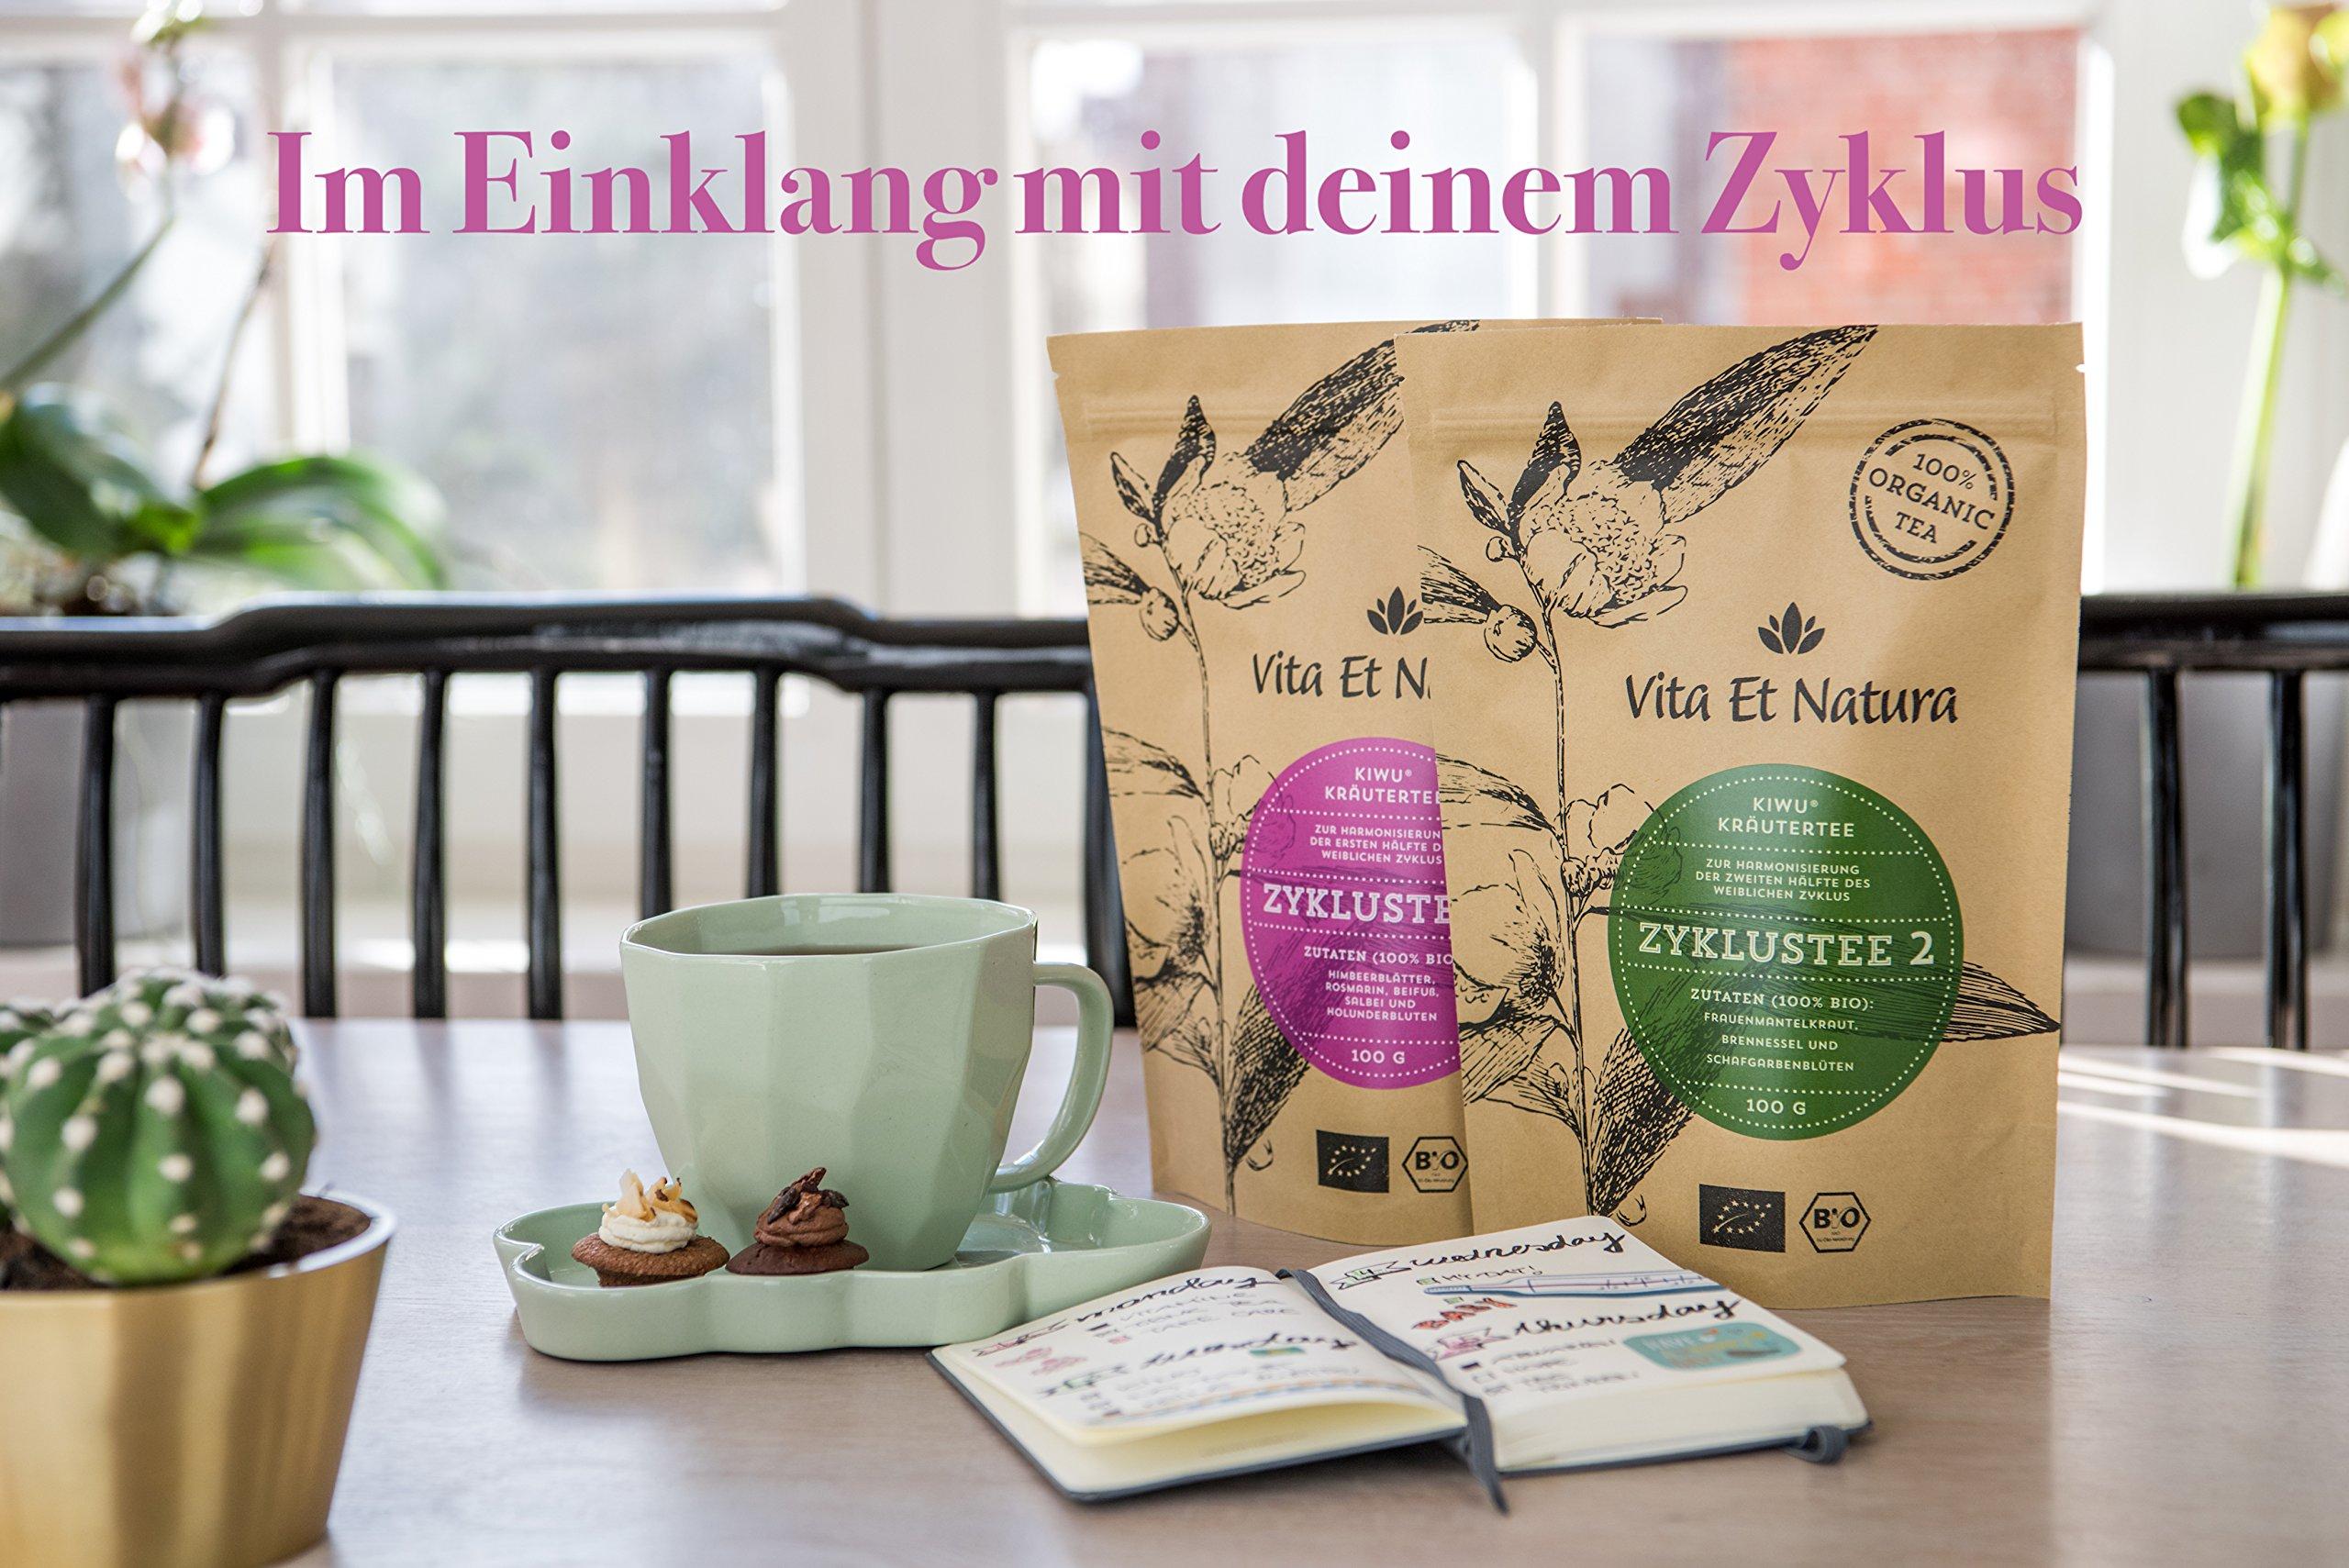 Vita-Et-Natura-BIO-Zyklustee-2-100g-loser-Krutertee-Mischung-nach-traditioneller-Rezeptur-100-biologische-und-naturbelassene-Zutaten-DE-KO-001